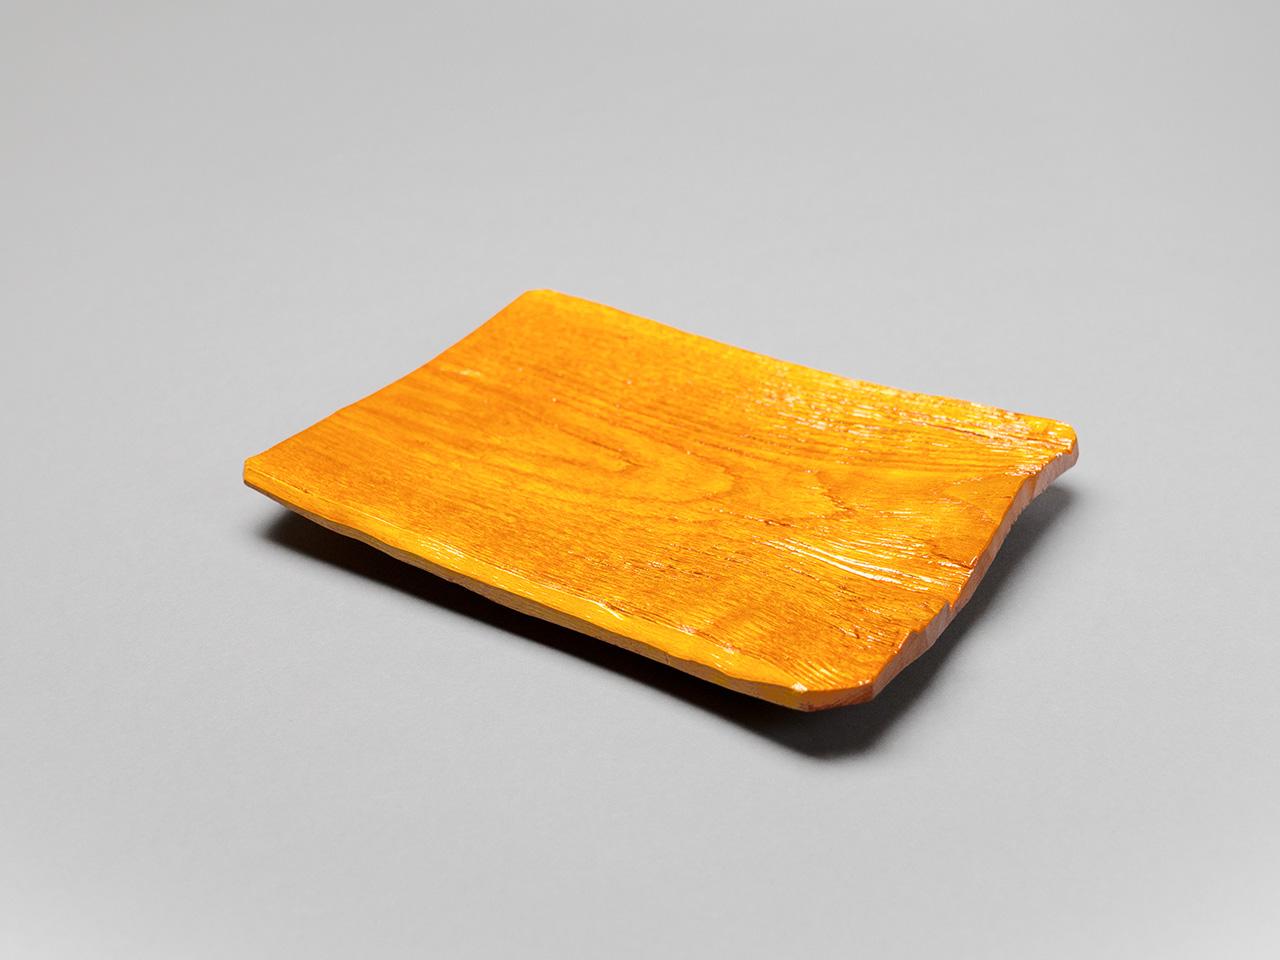 漆木ヘギ目 金漆塗菓子皿